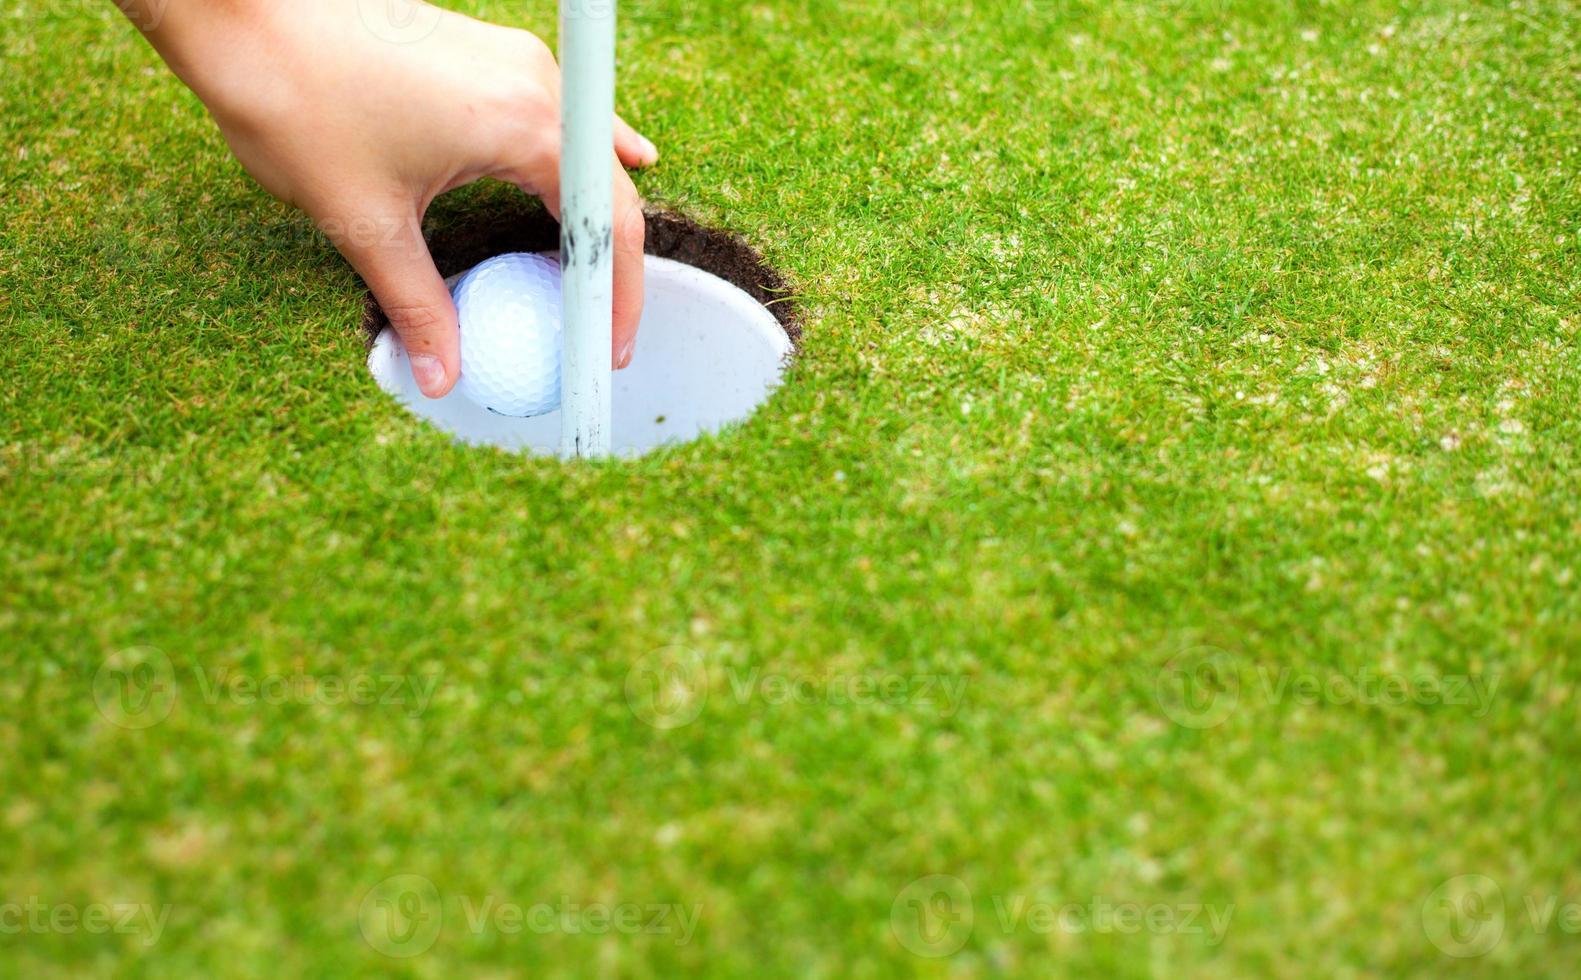 Spielerhand, die Golfball nach dem Schuss vom Becher entfernt foto